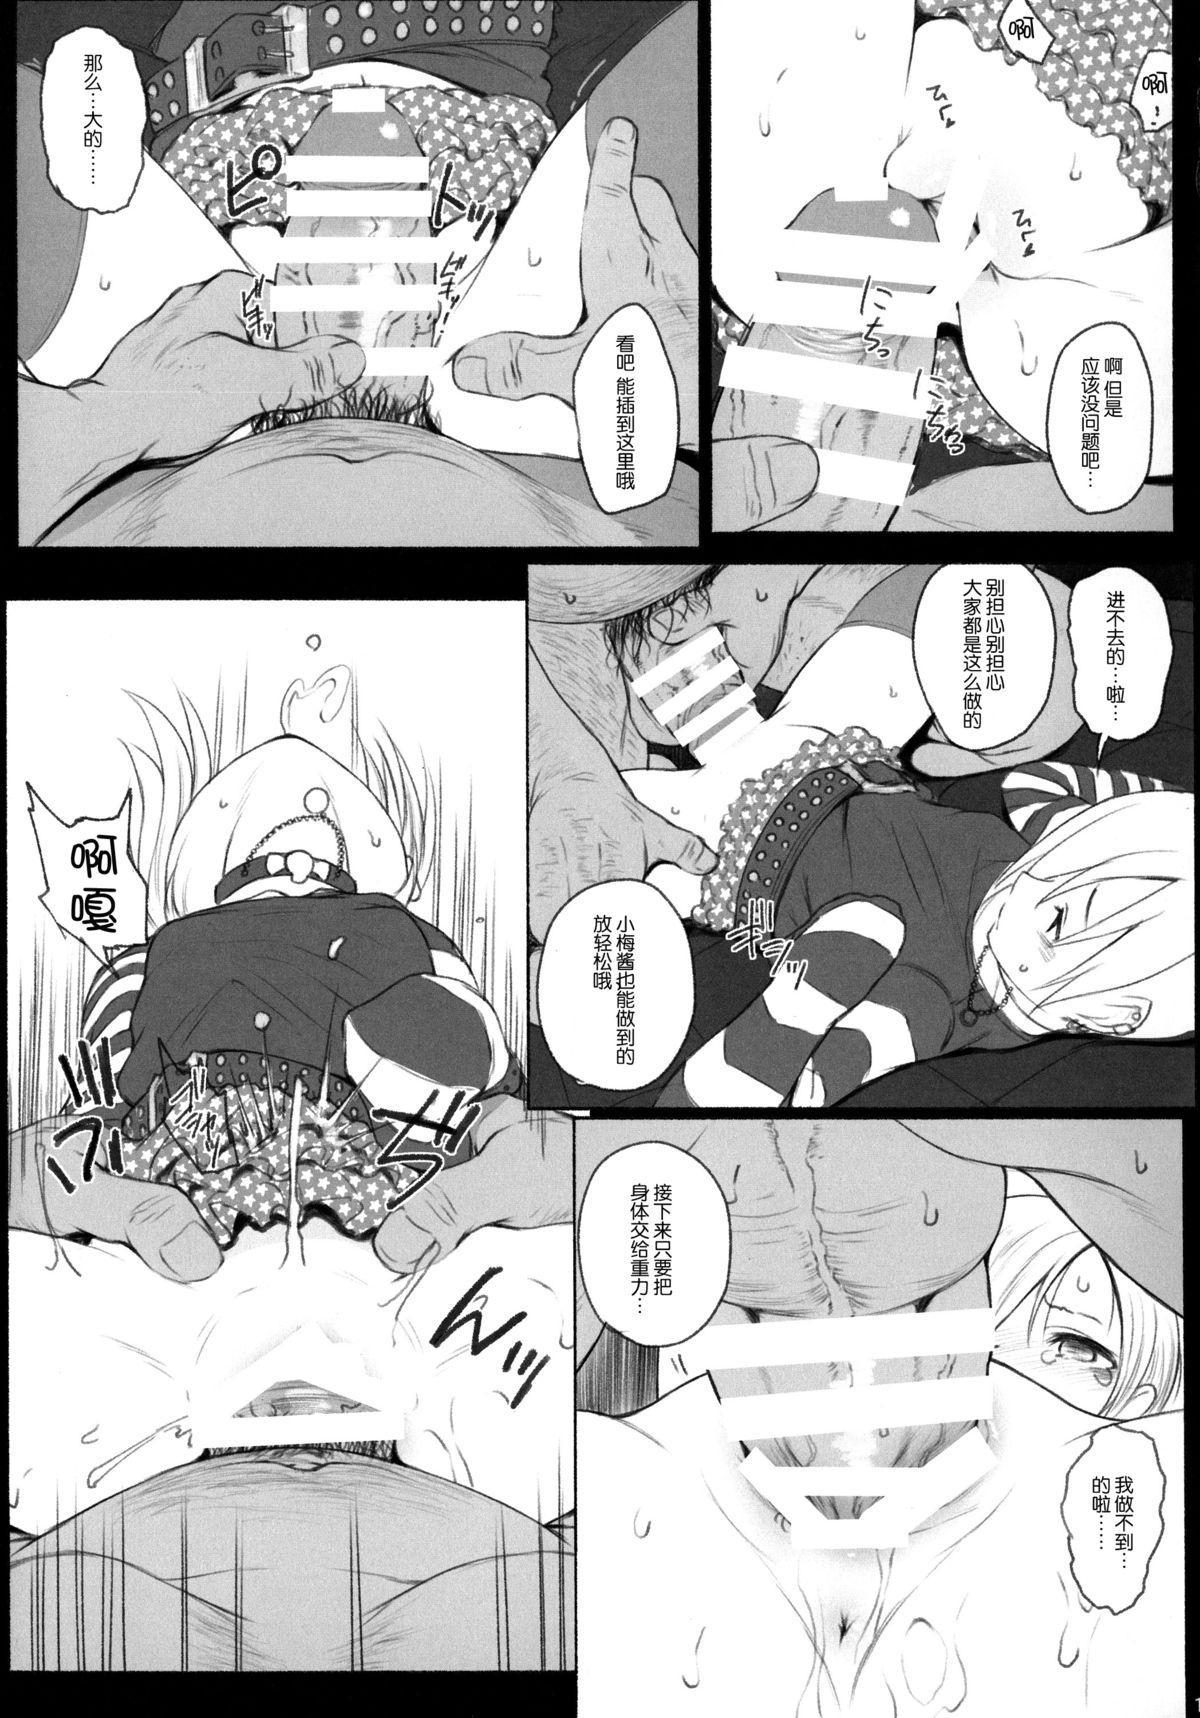 THE POSSESSION KOUME 12